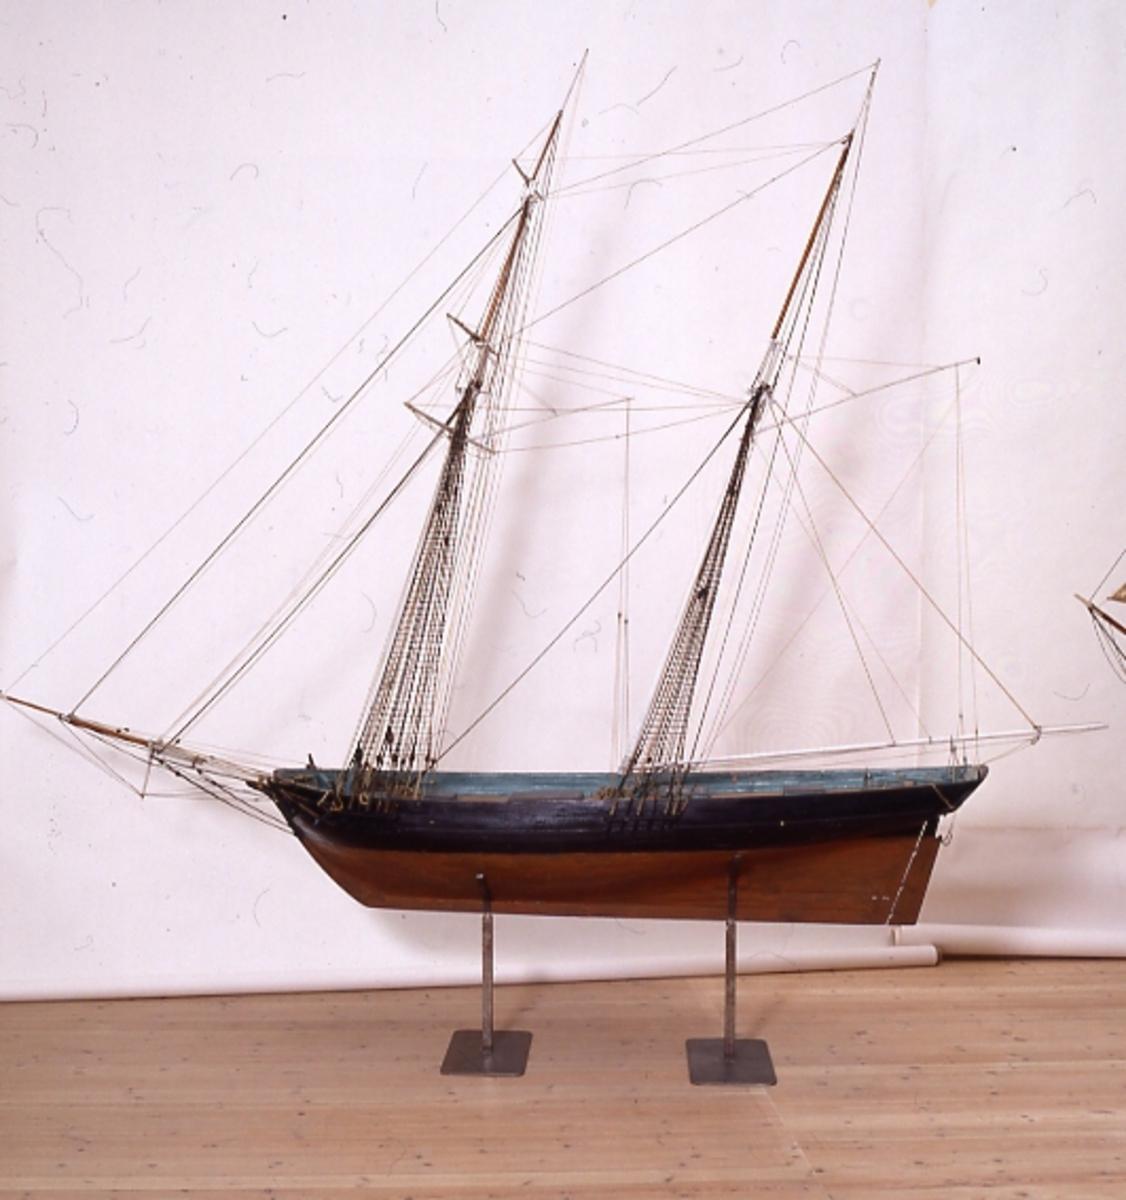 Modell av tvåmastad segelfartyg av typen Baltimoreklipper. Modell är kravellbyggd på spant med inredning och roder med rokult och drilltåg. Modellen har en mycket bakåtsvept rigg. Skrovet ör svartmålat ovan vattenlinjen och botten är rödbrun. Brädgång och mastfiskar är grönmålade. Undermaster, bommar och gafflar är vitmålade, övrig rundhult fernissad. Däcket är fernissat och däcksluckorna är svartmålade. Stativ av järn. Fartyget Experiment byggdes 1808 i New York och inköptes till svenska flottan 1812. Modellen är inte någon exakt kopia av fartyget Experiment utan är sannolikt tillverkat som en prototyp av denna nya fartygstyp